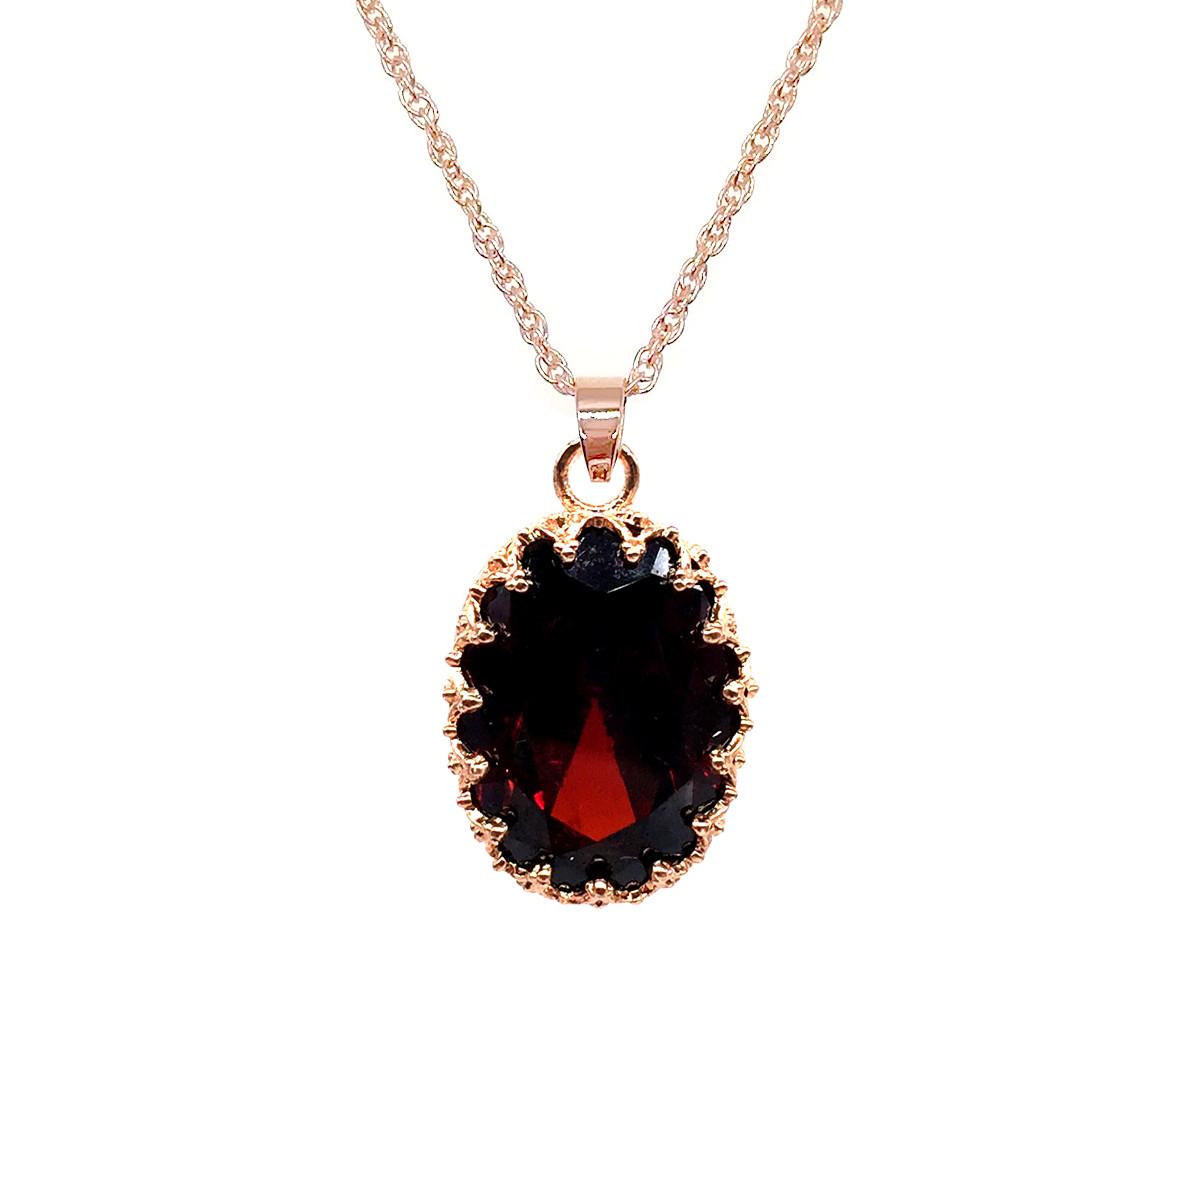 Подвеска на цепочке SONATA из медицинского золота, темно-красный фианит, позолота PO, 42088             (1)